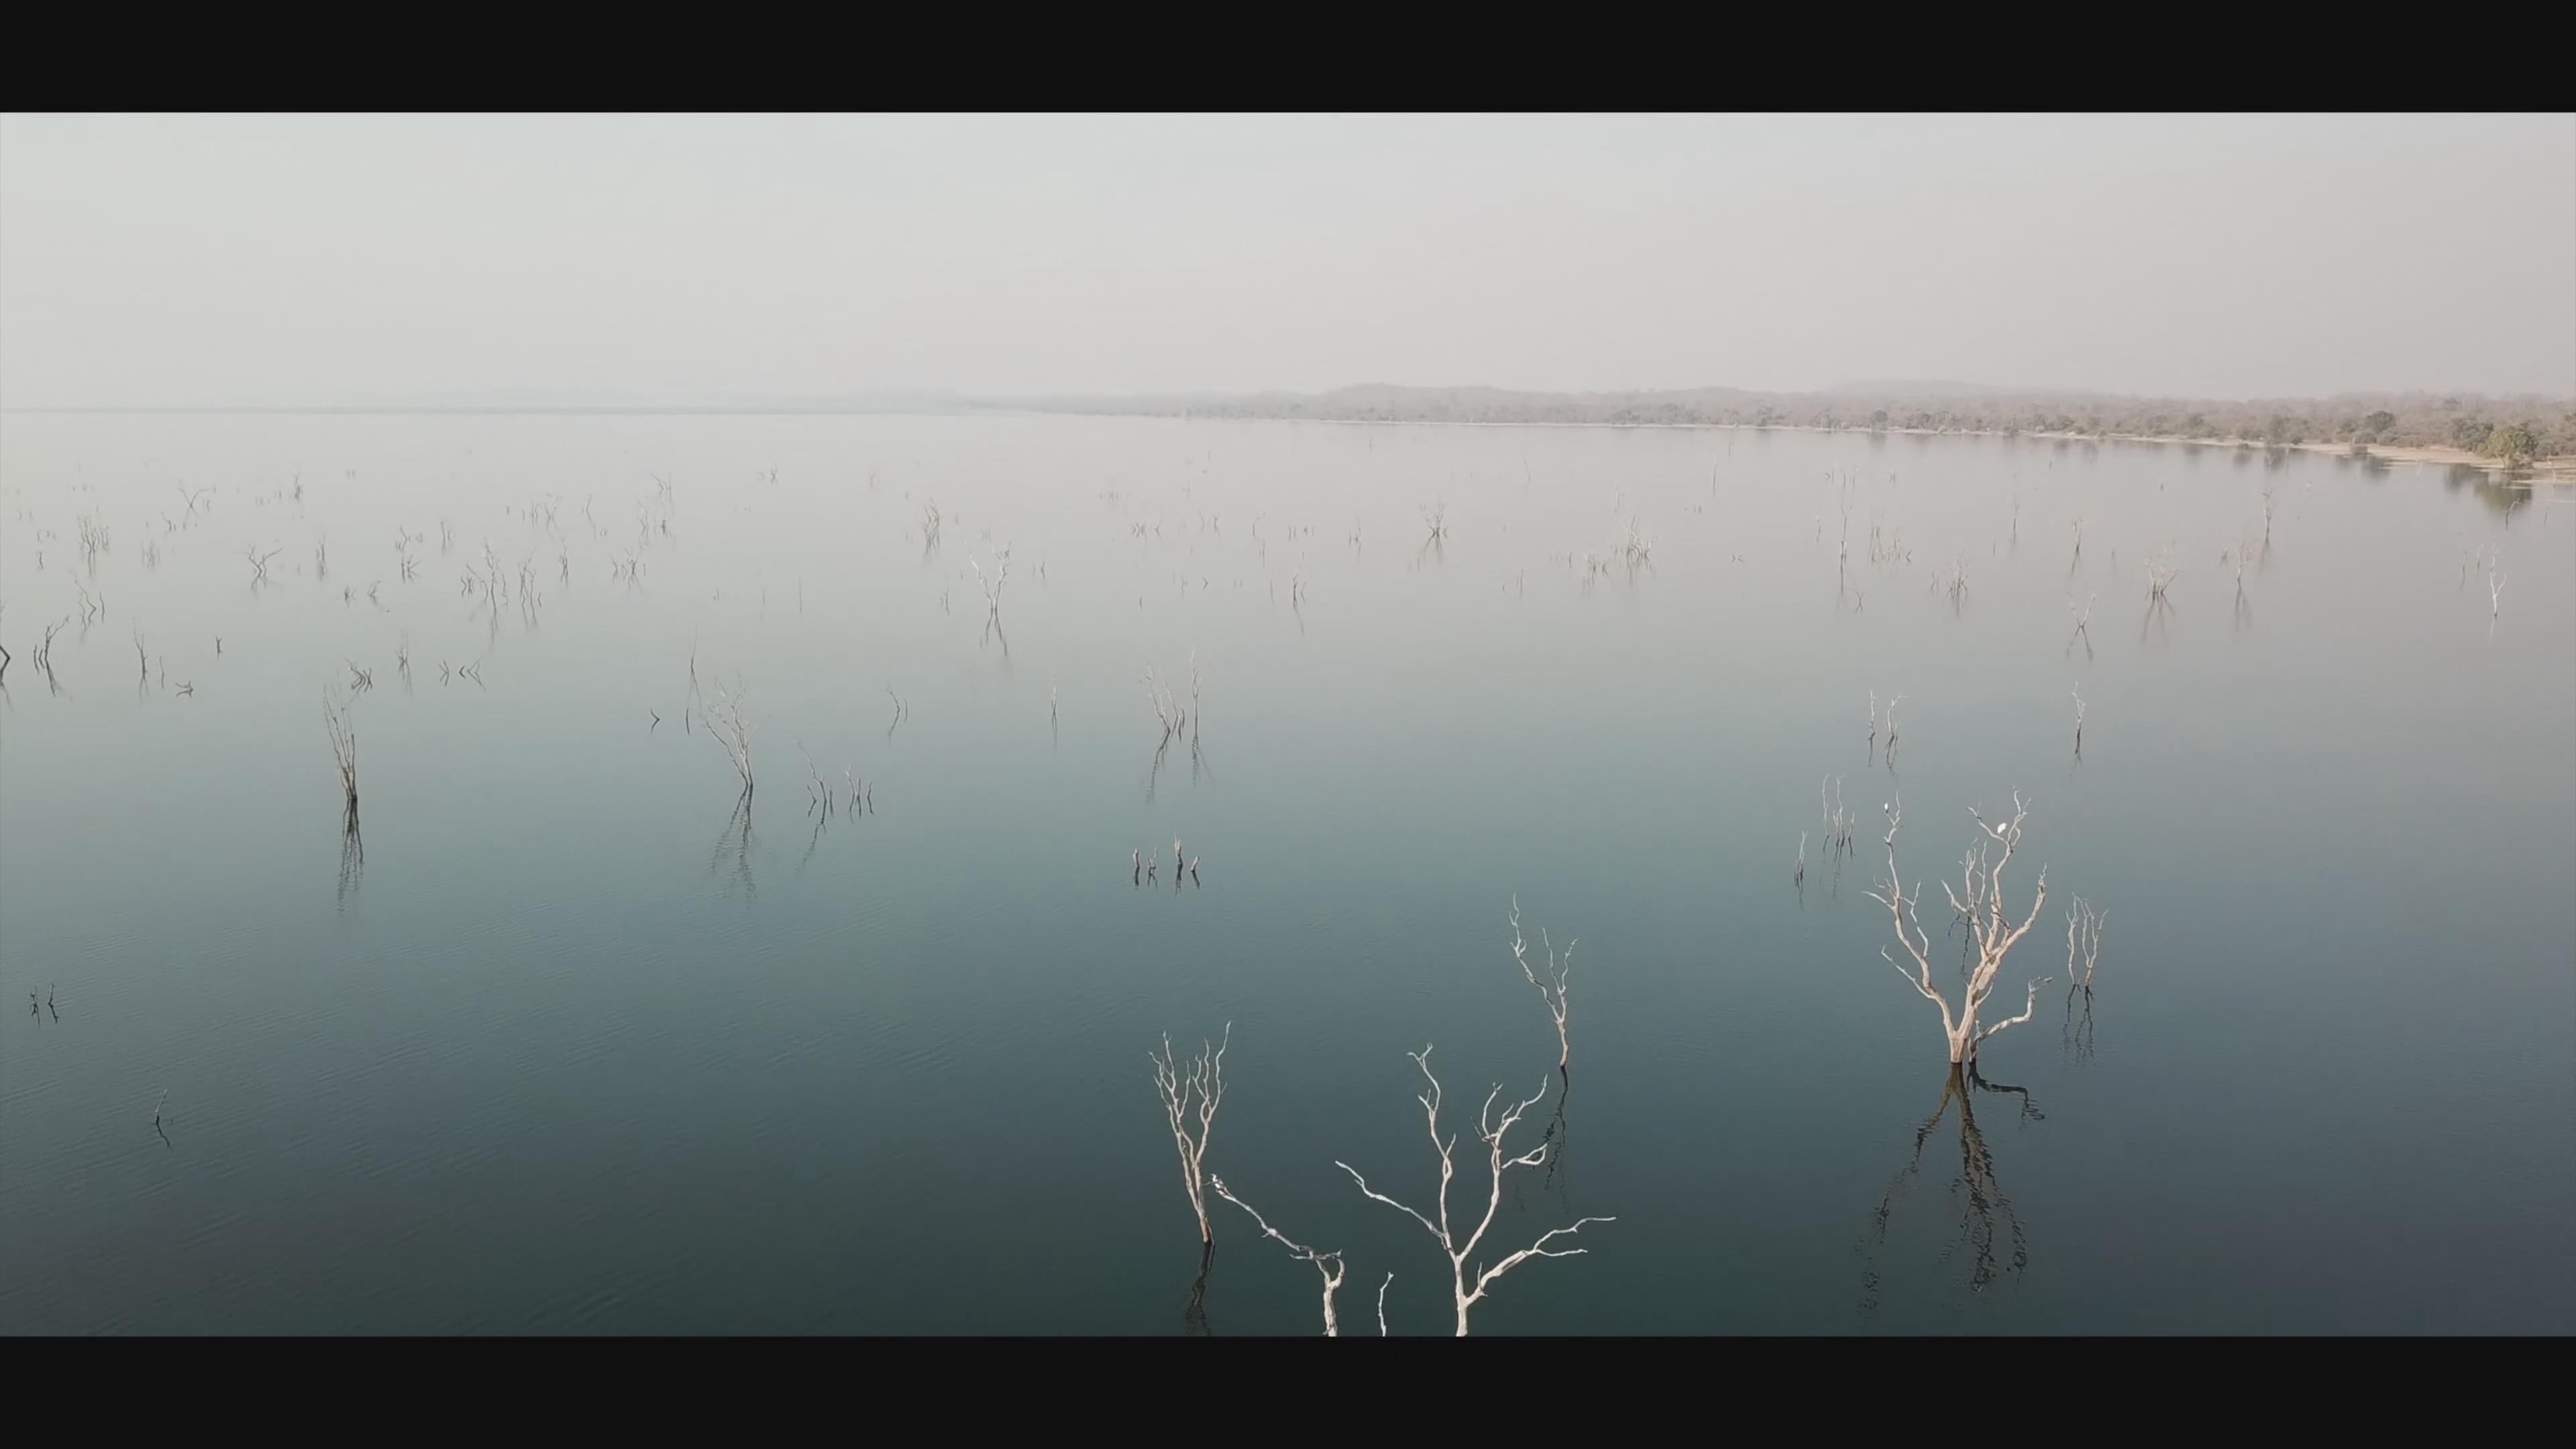 艺术 赞比亚 草原 亚马逊 快艇 捕鱼船 草原 森林 大象 河马 水牛 芭蕉树 芭蕉林 茅草屋 4k